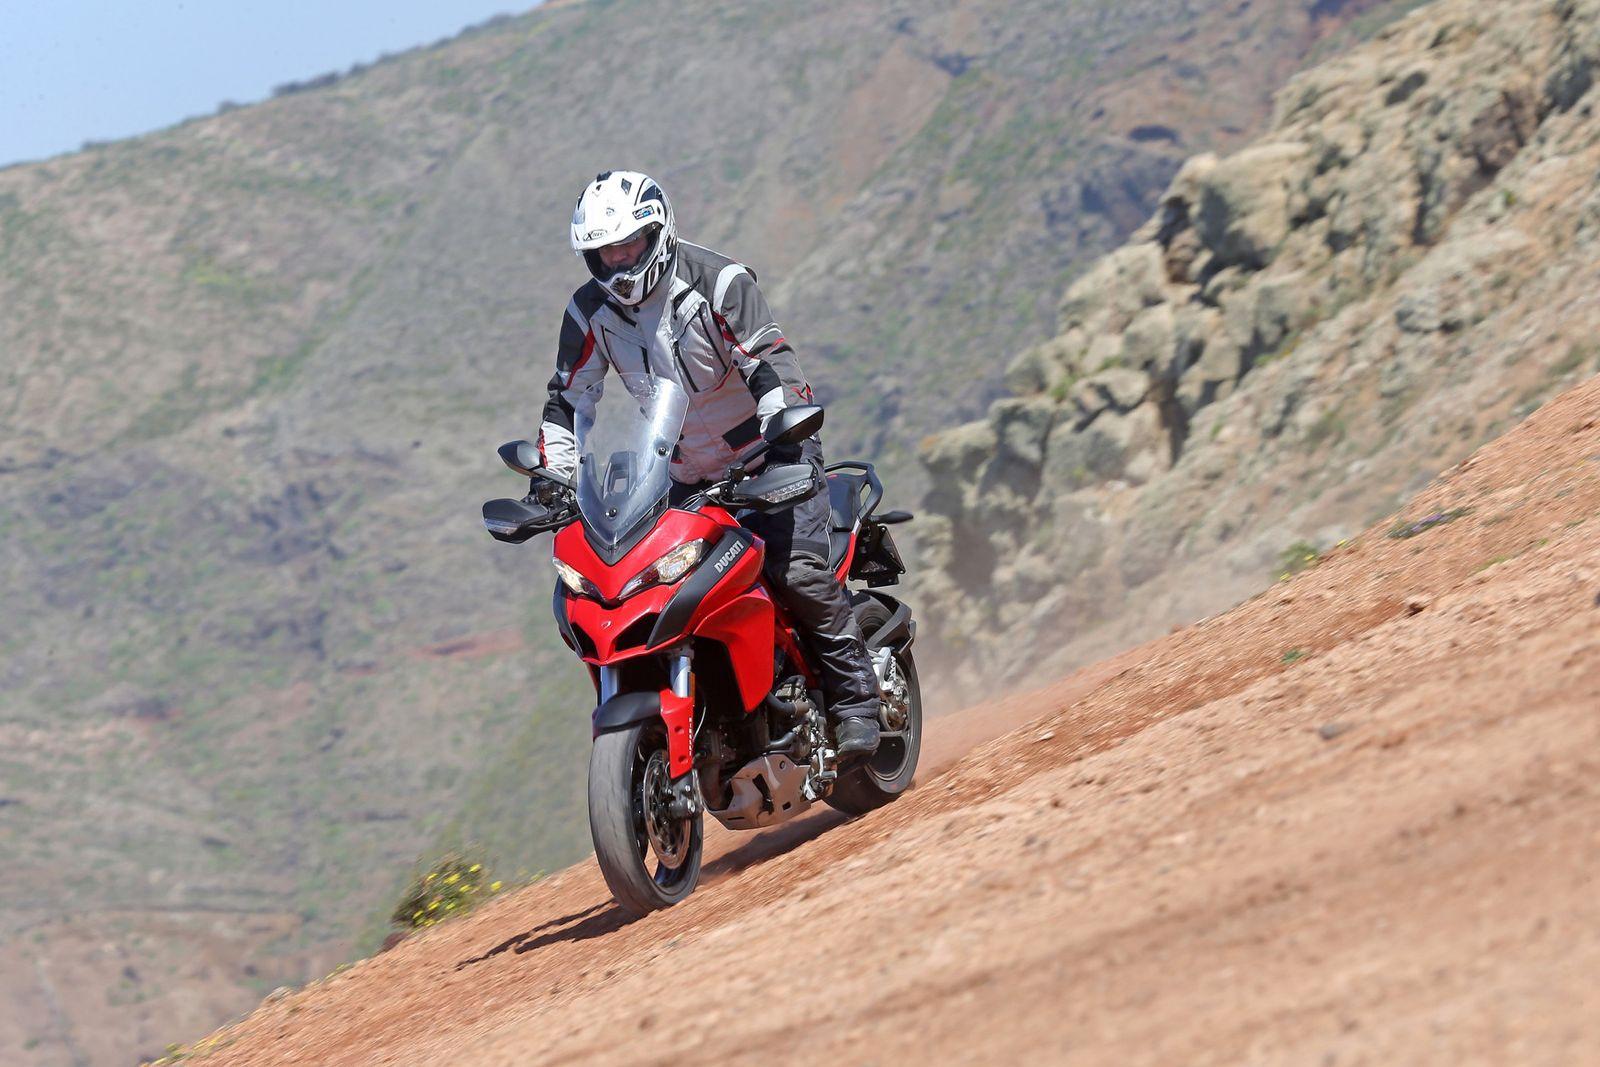 2015 / Ducati Multistrada 1200 S